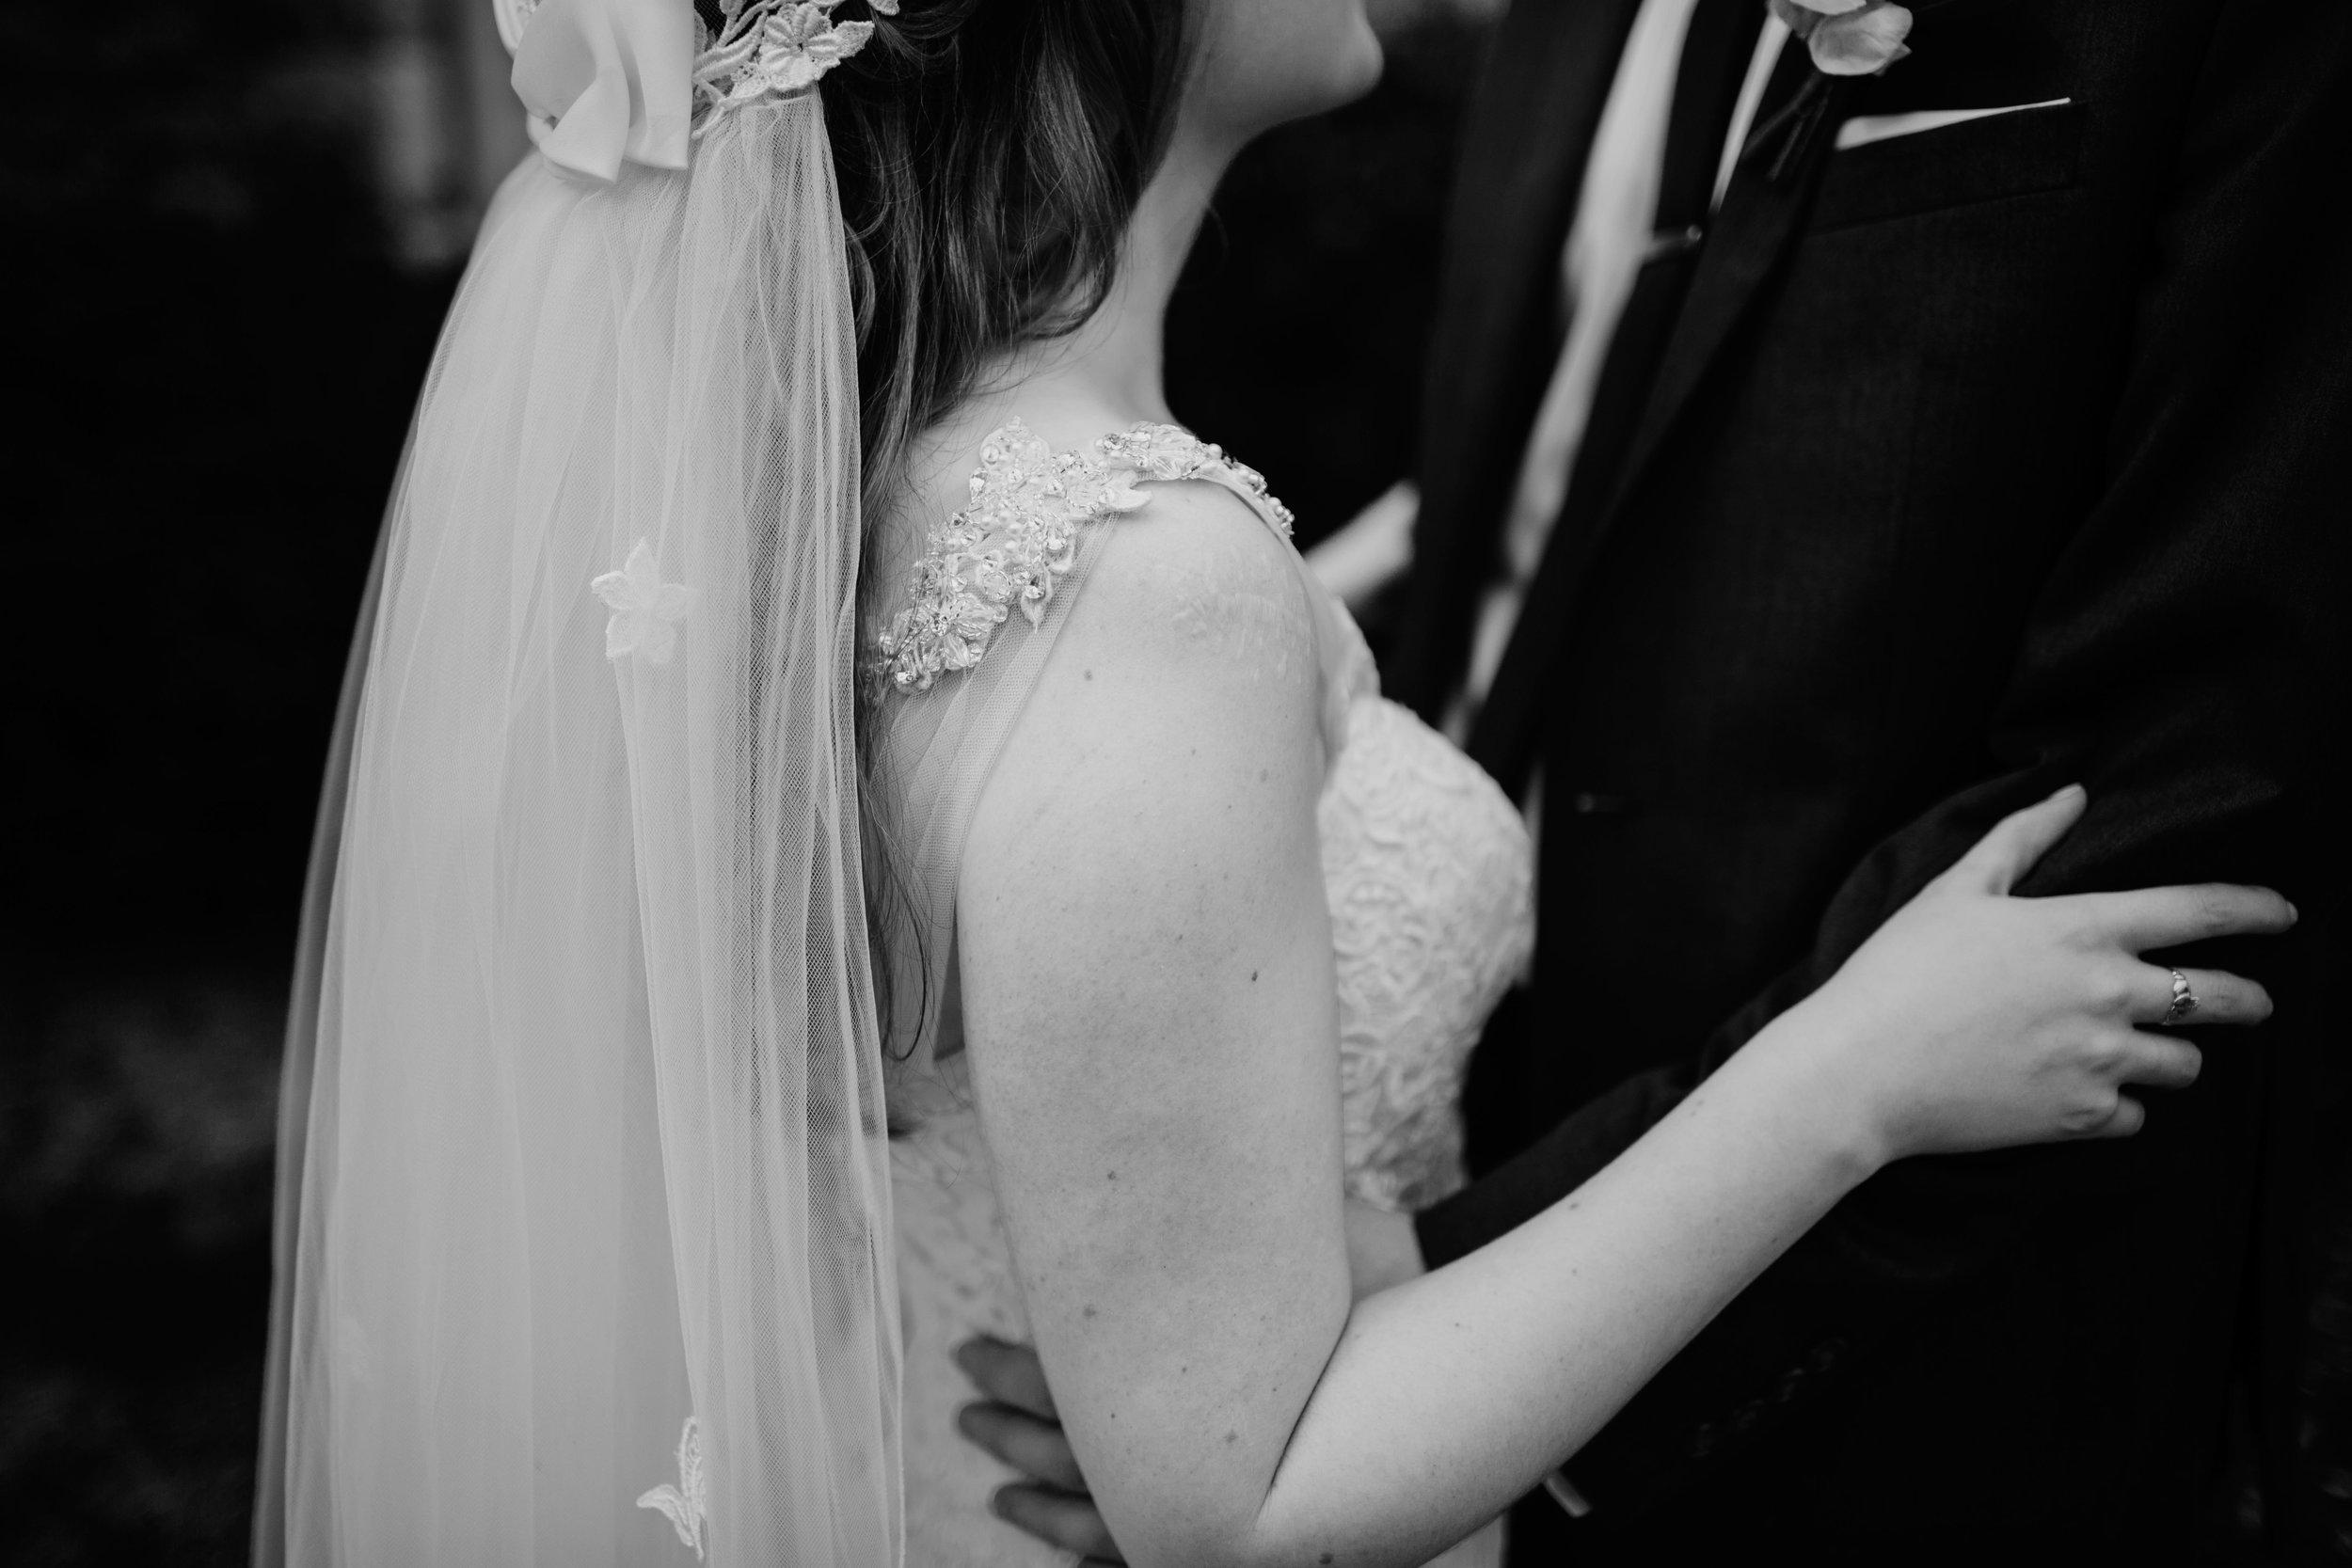 ALICIAandPETER-bridegroomchurch (7 of 15).jpg